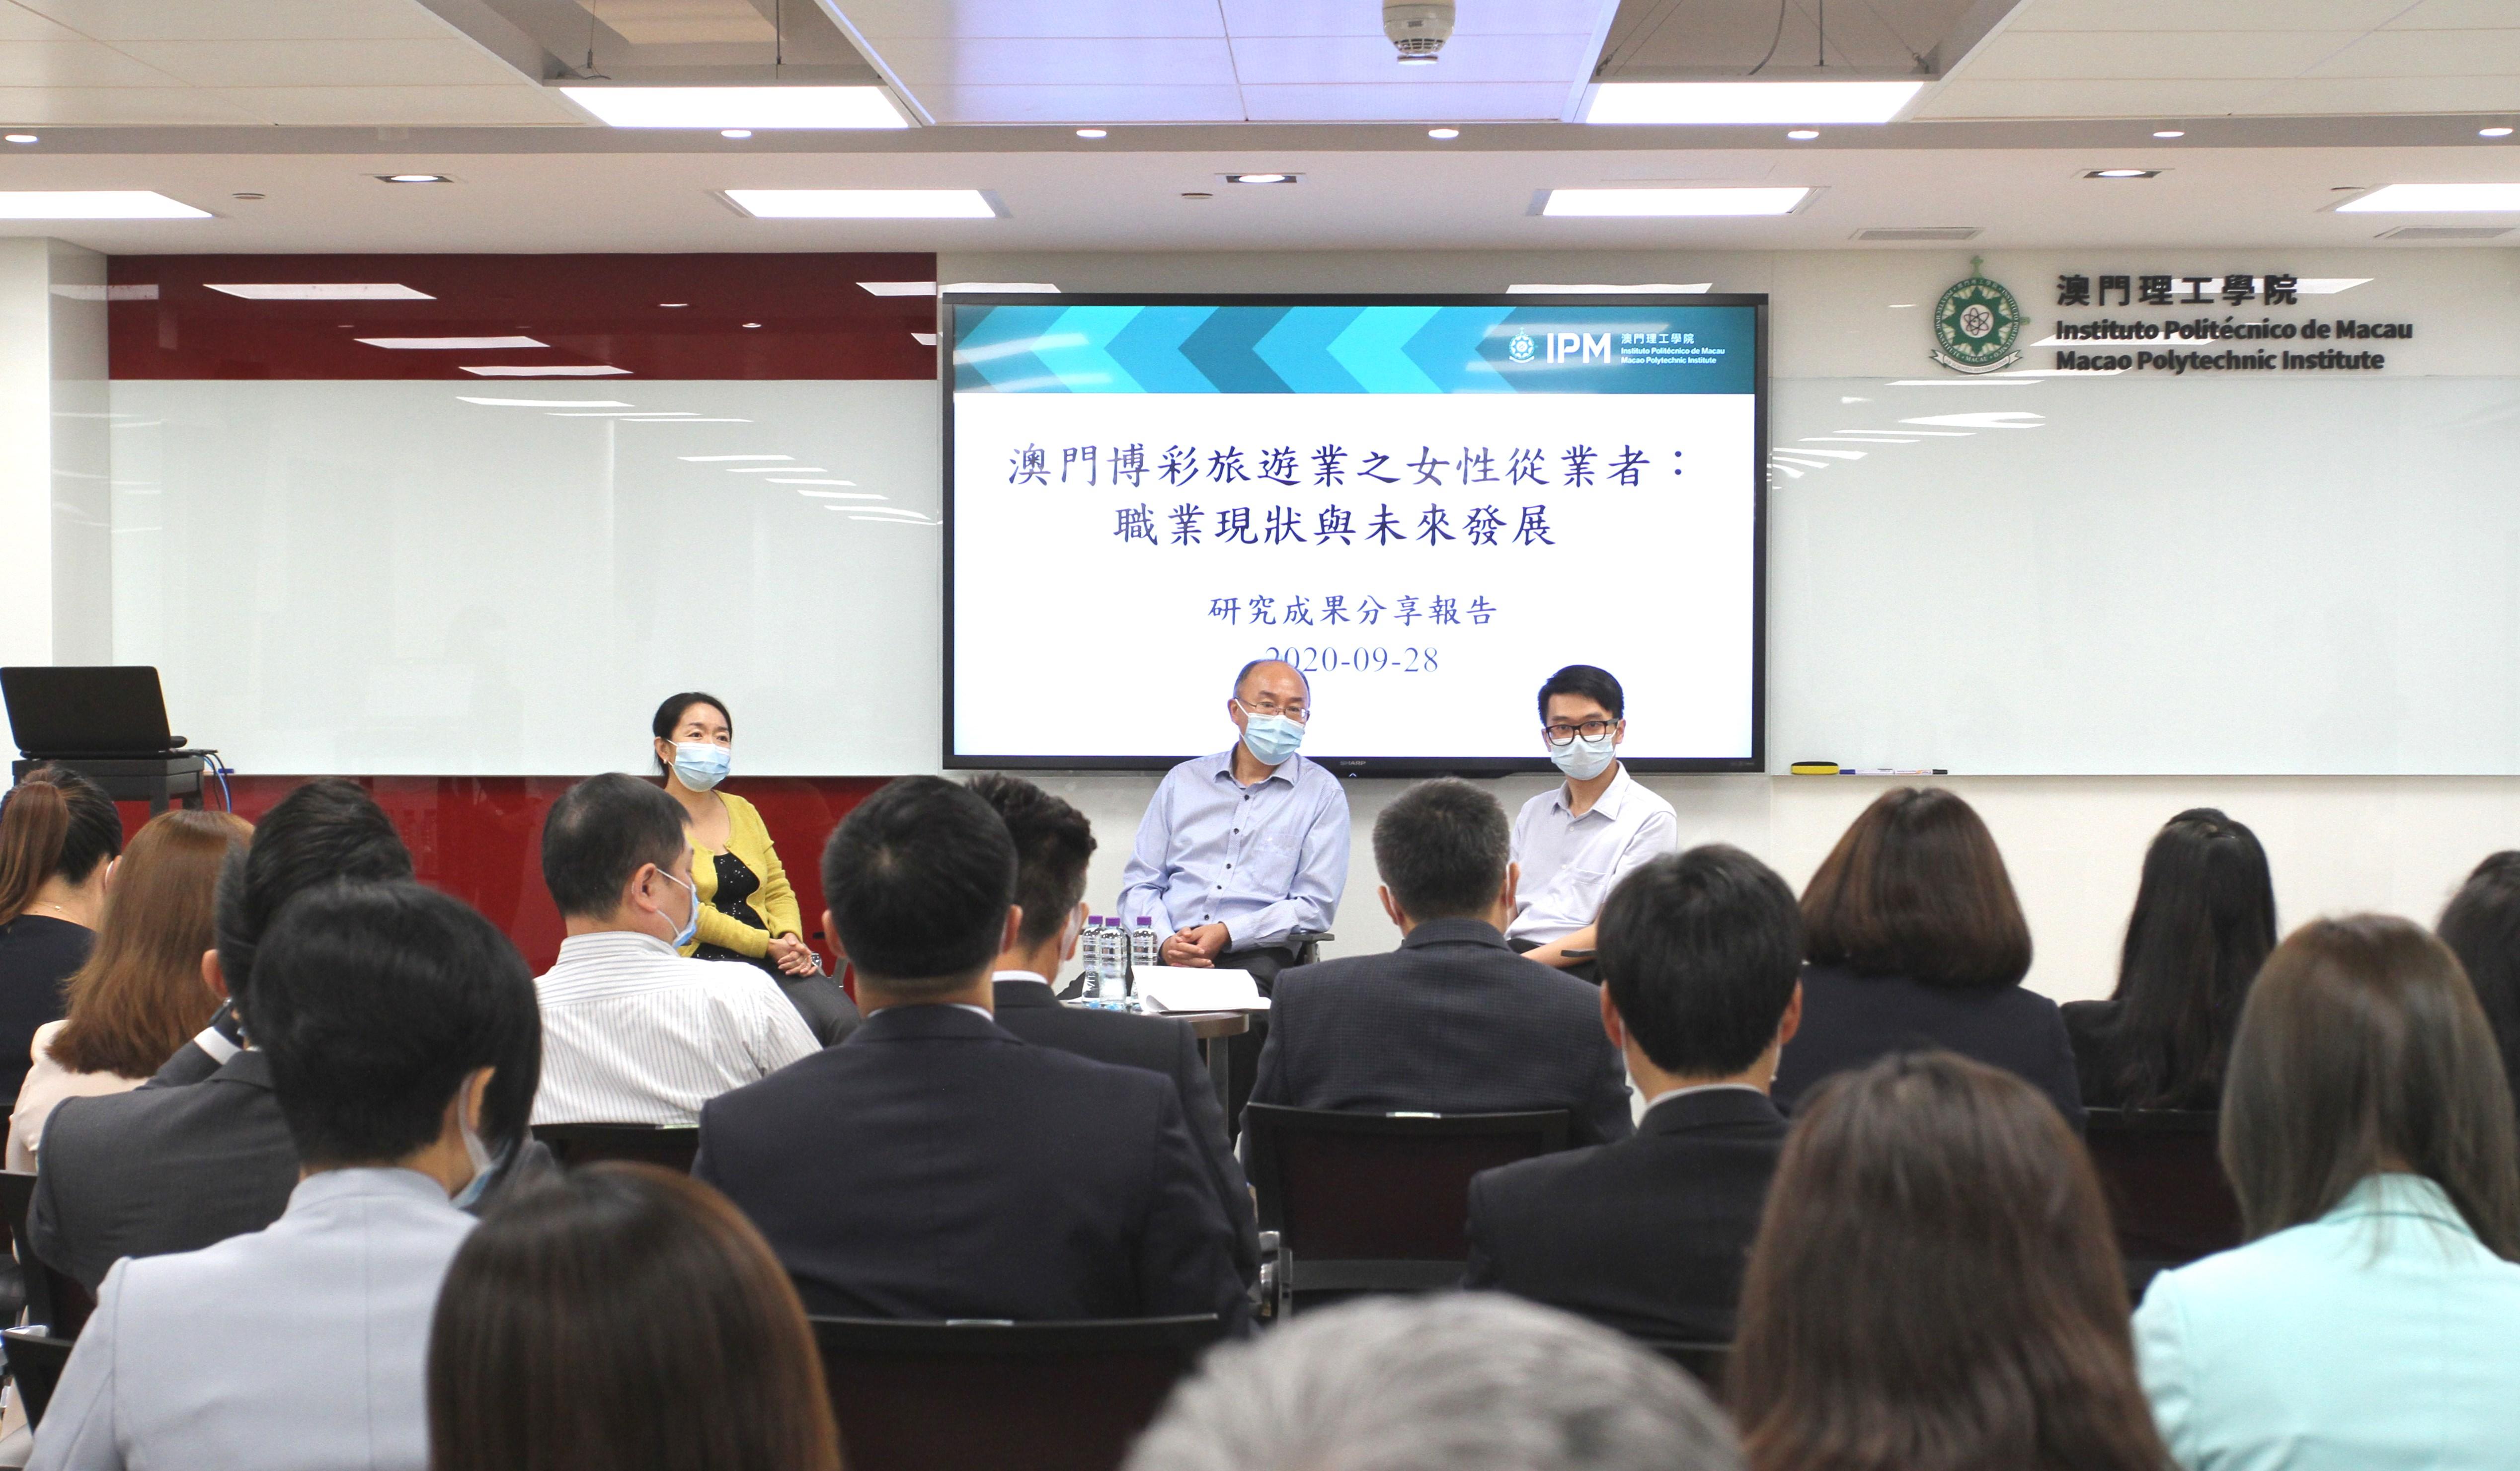 理工探討博彩女員工職業發展 政府與博企均出席逾70人參加